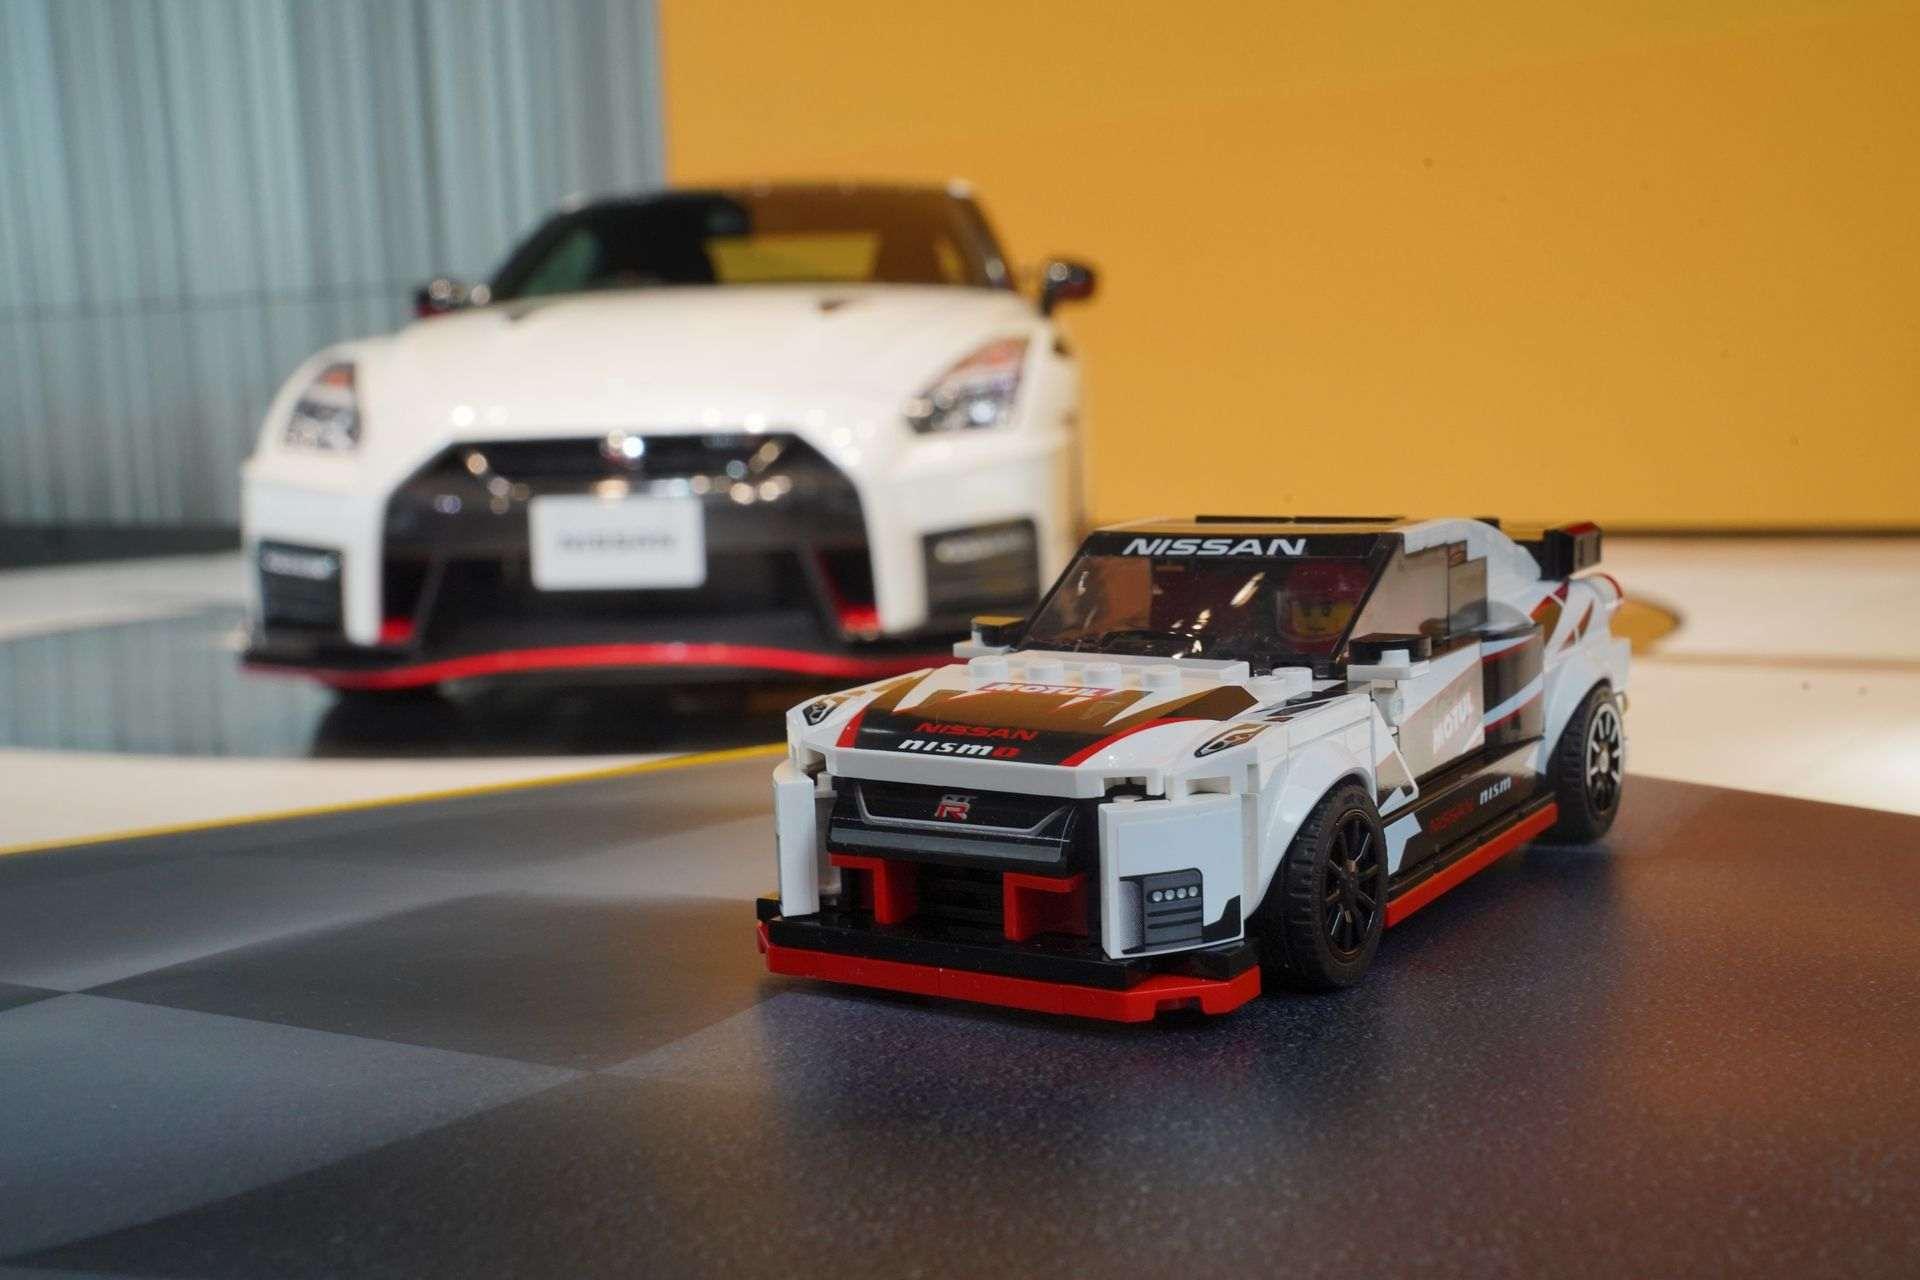 Nissan_GT-R_Nismo_Lego_0008